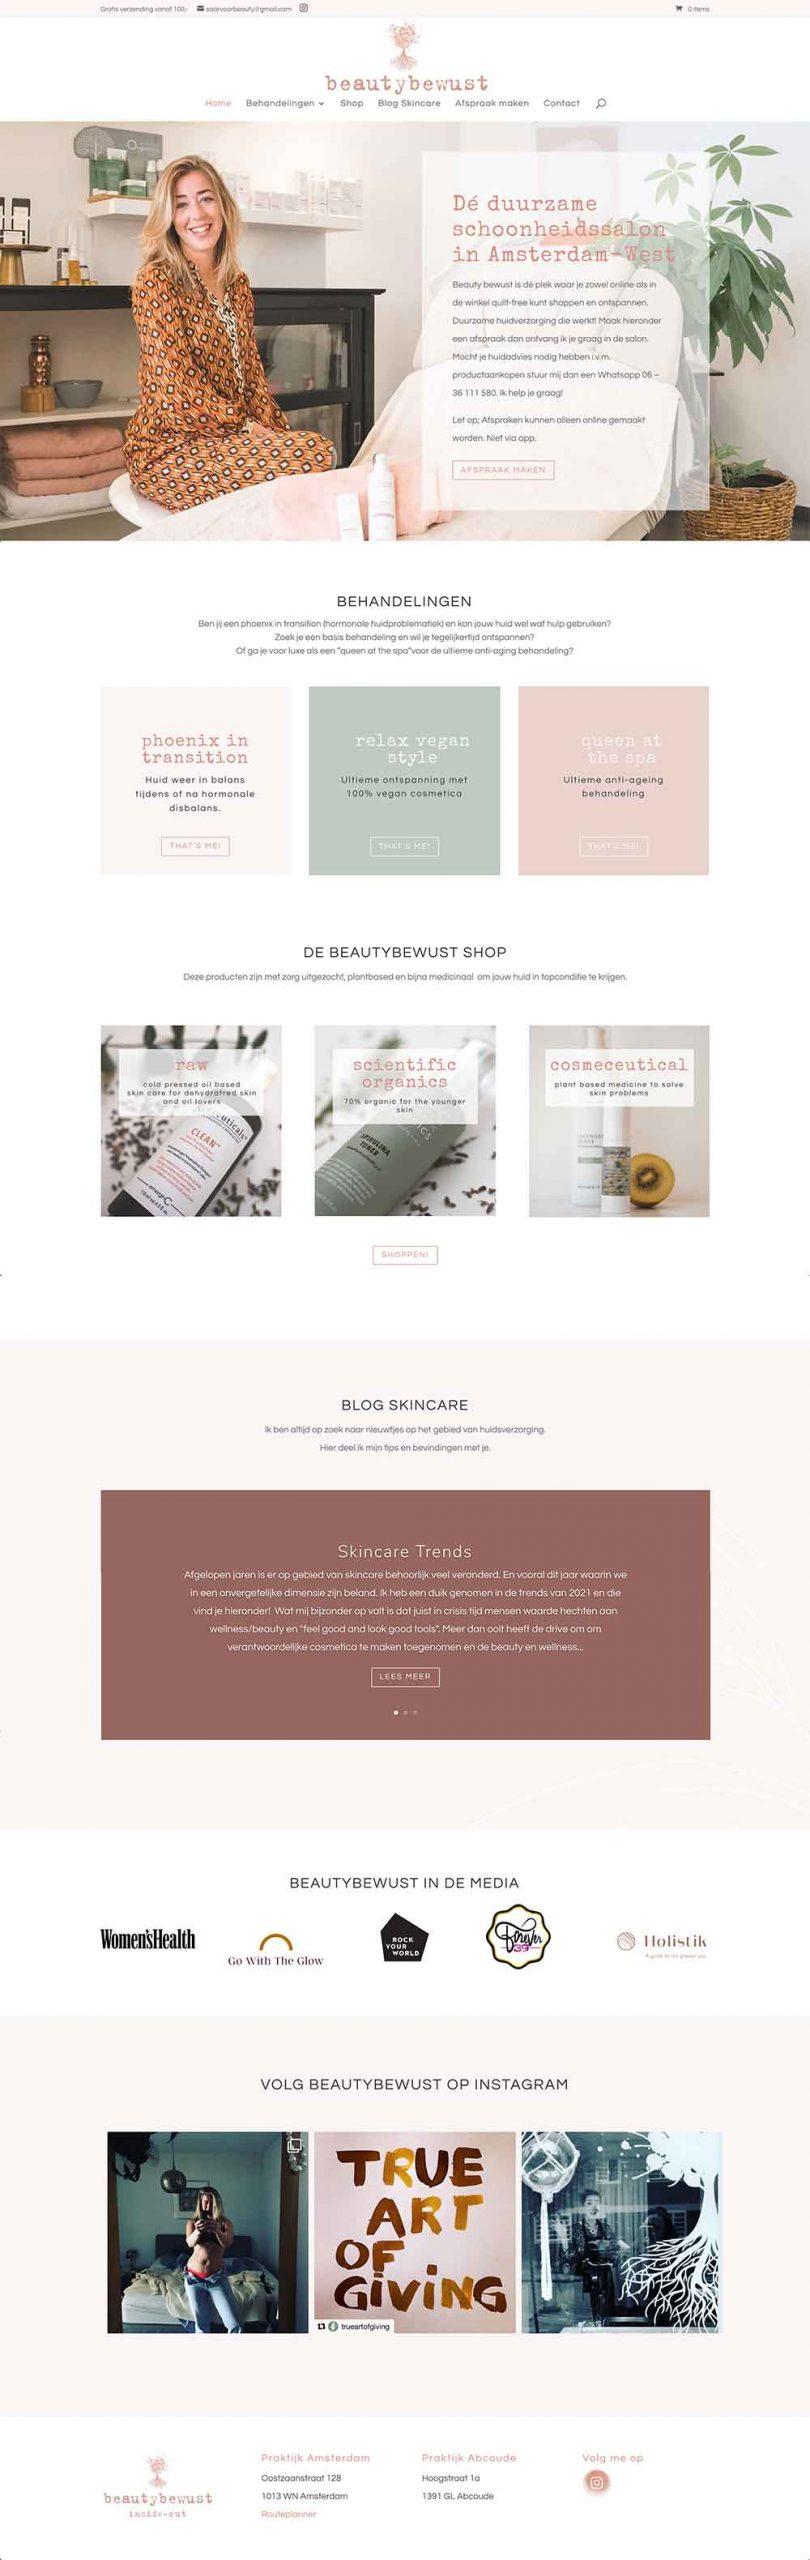 Beauty-Bewust-website